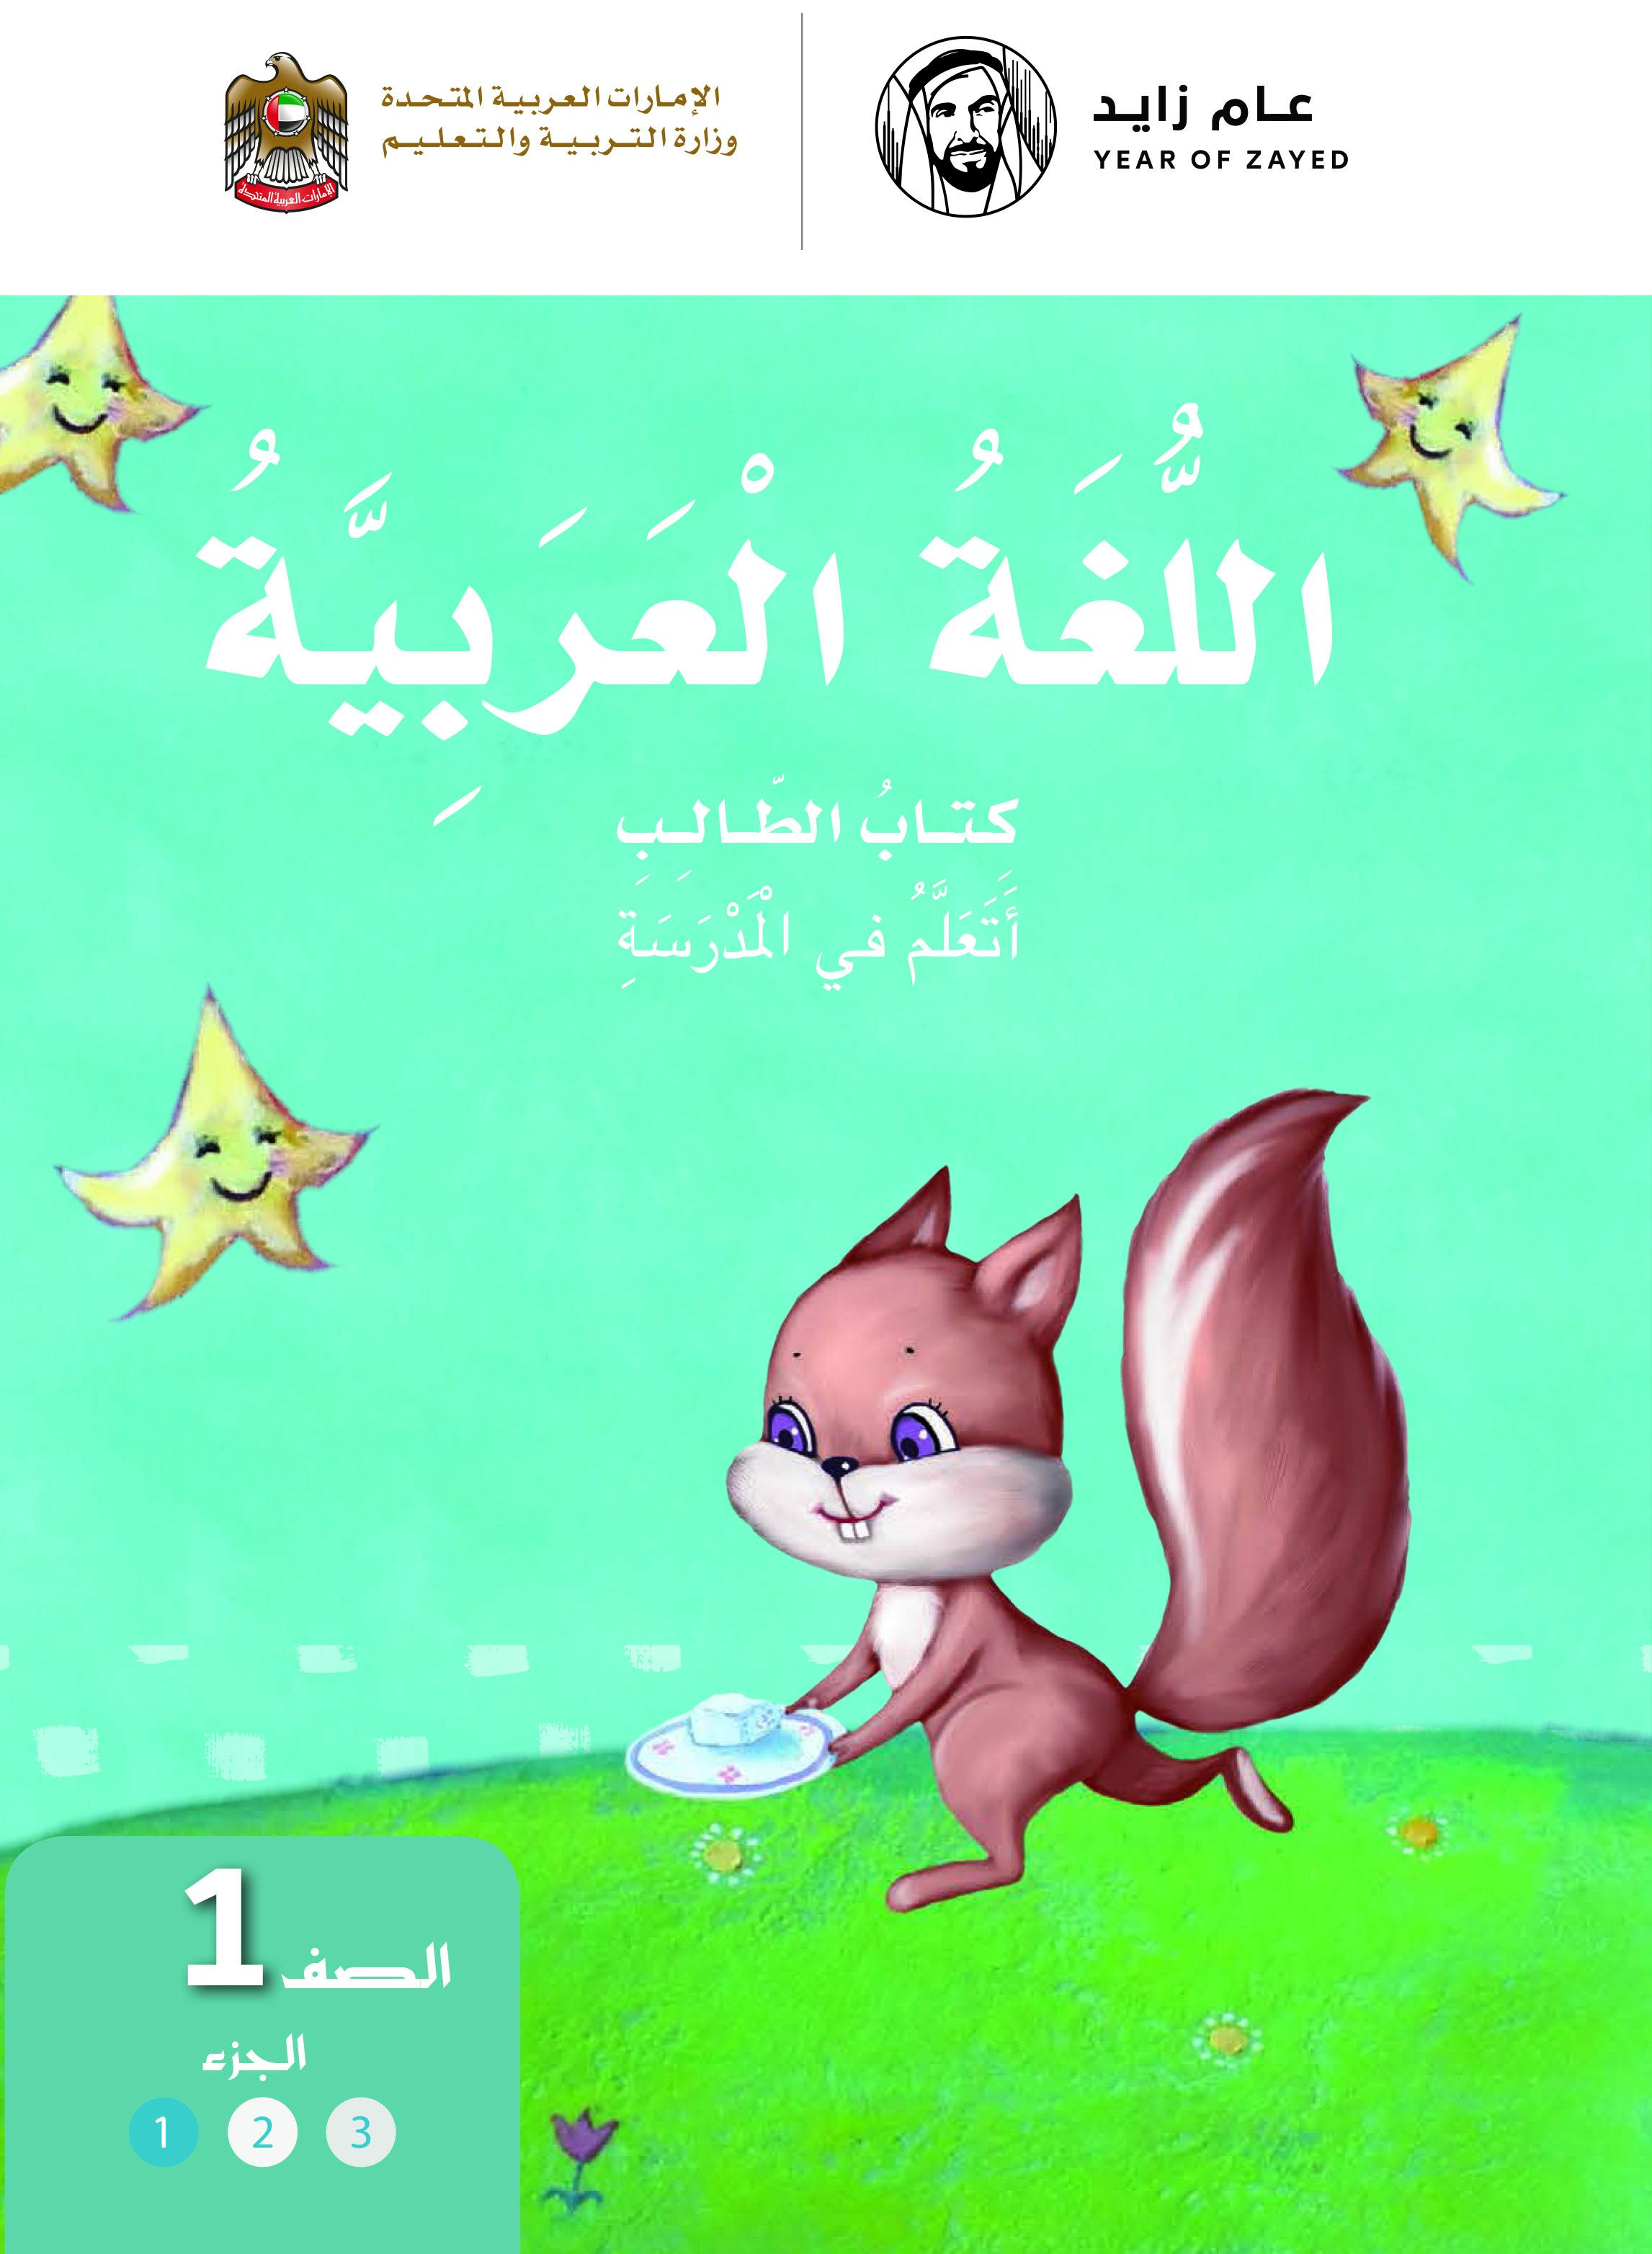 اللغة العربية للصف الأول كتاب أتعلم في المدرسة - الجزء الأول